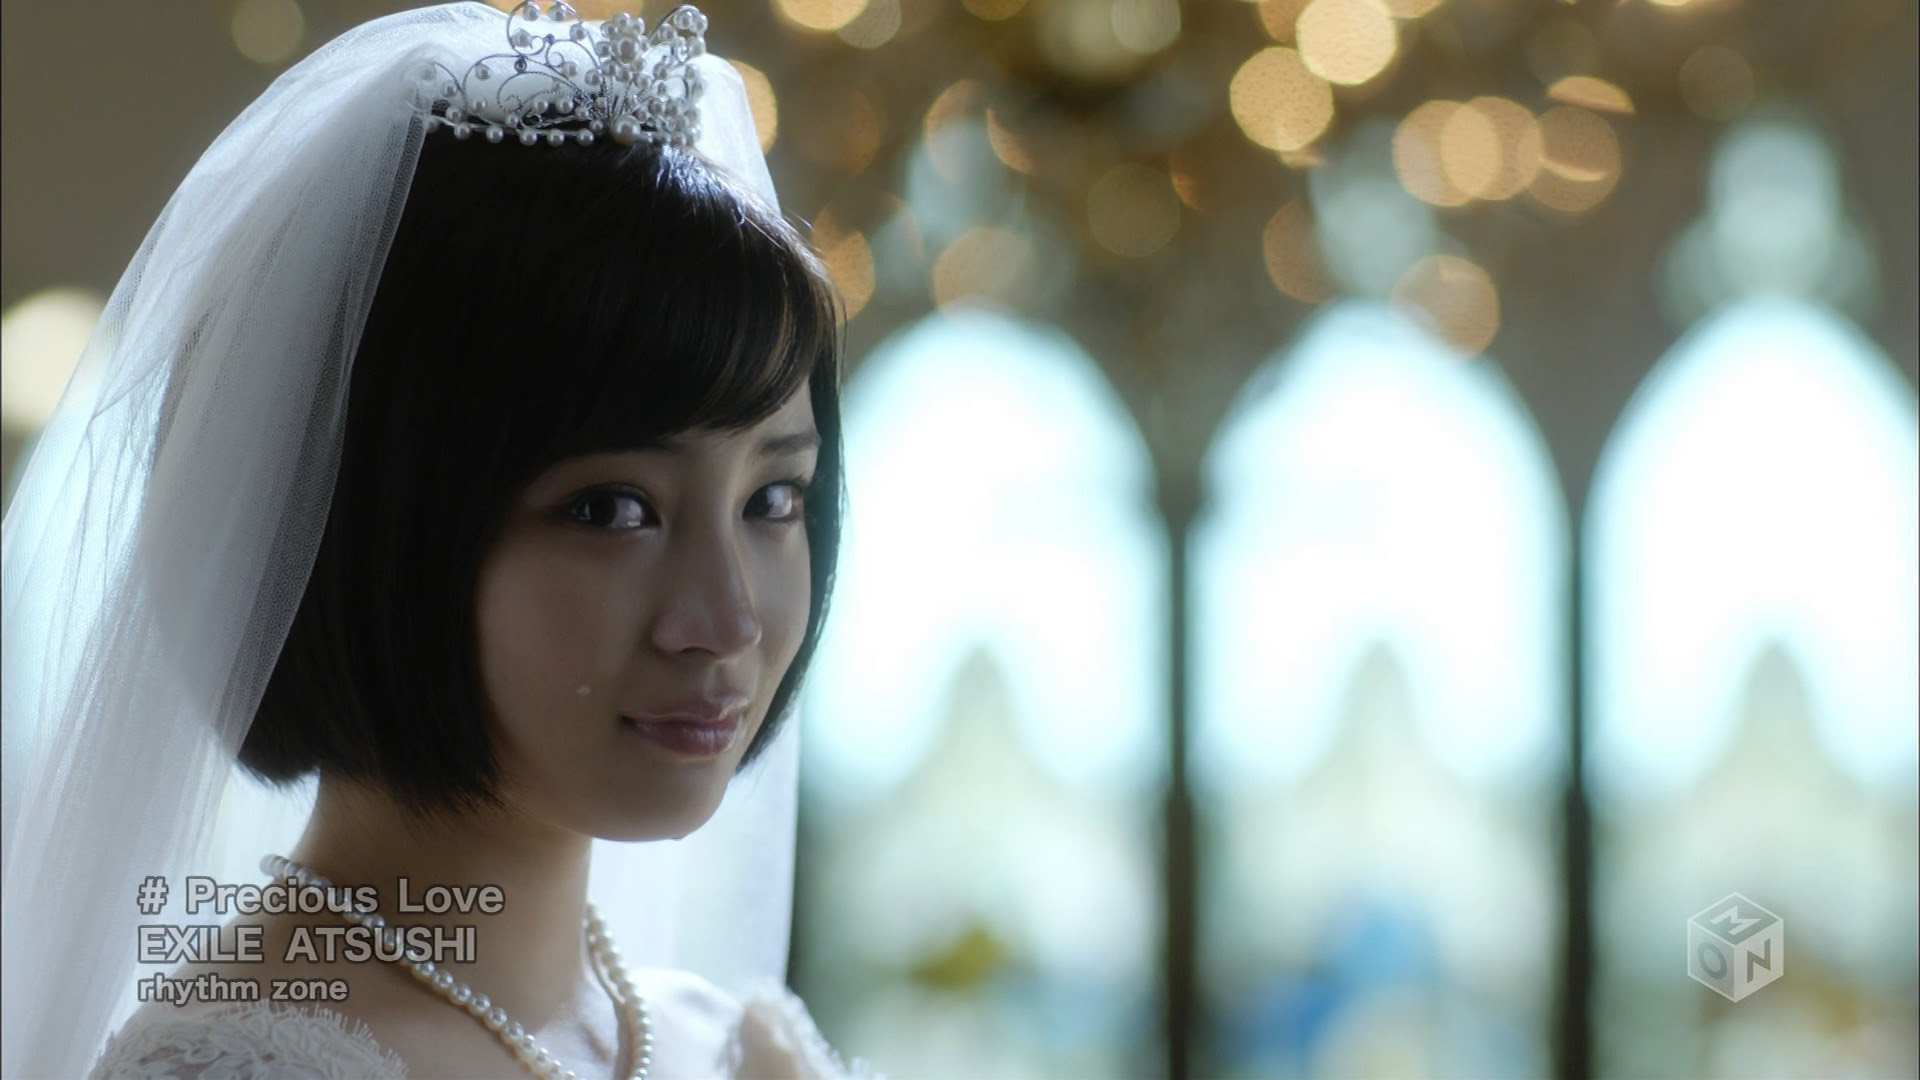 Precious Love Exile Atsushi 玩具箱